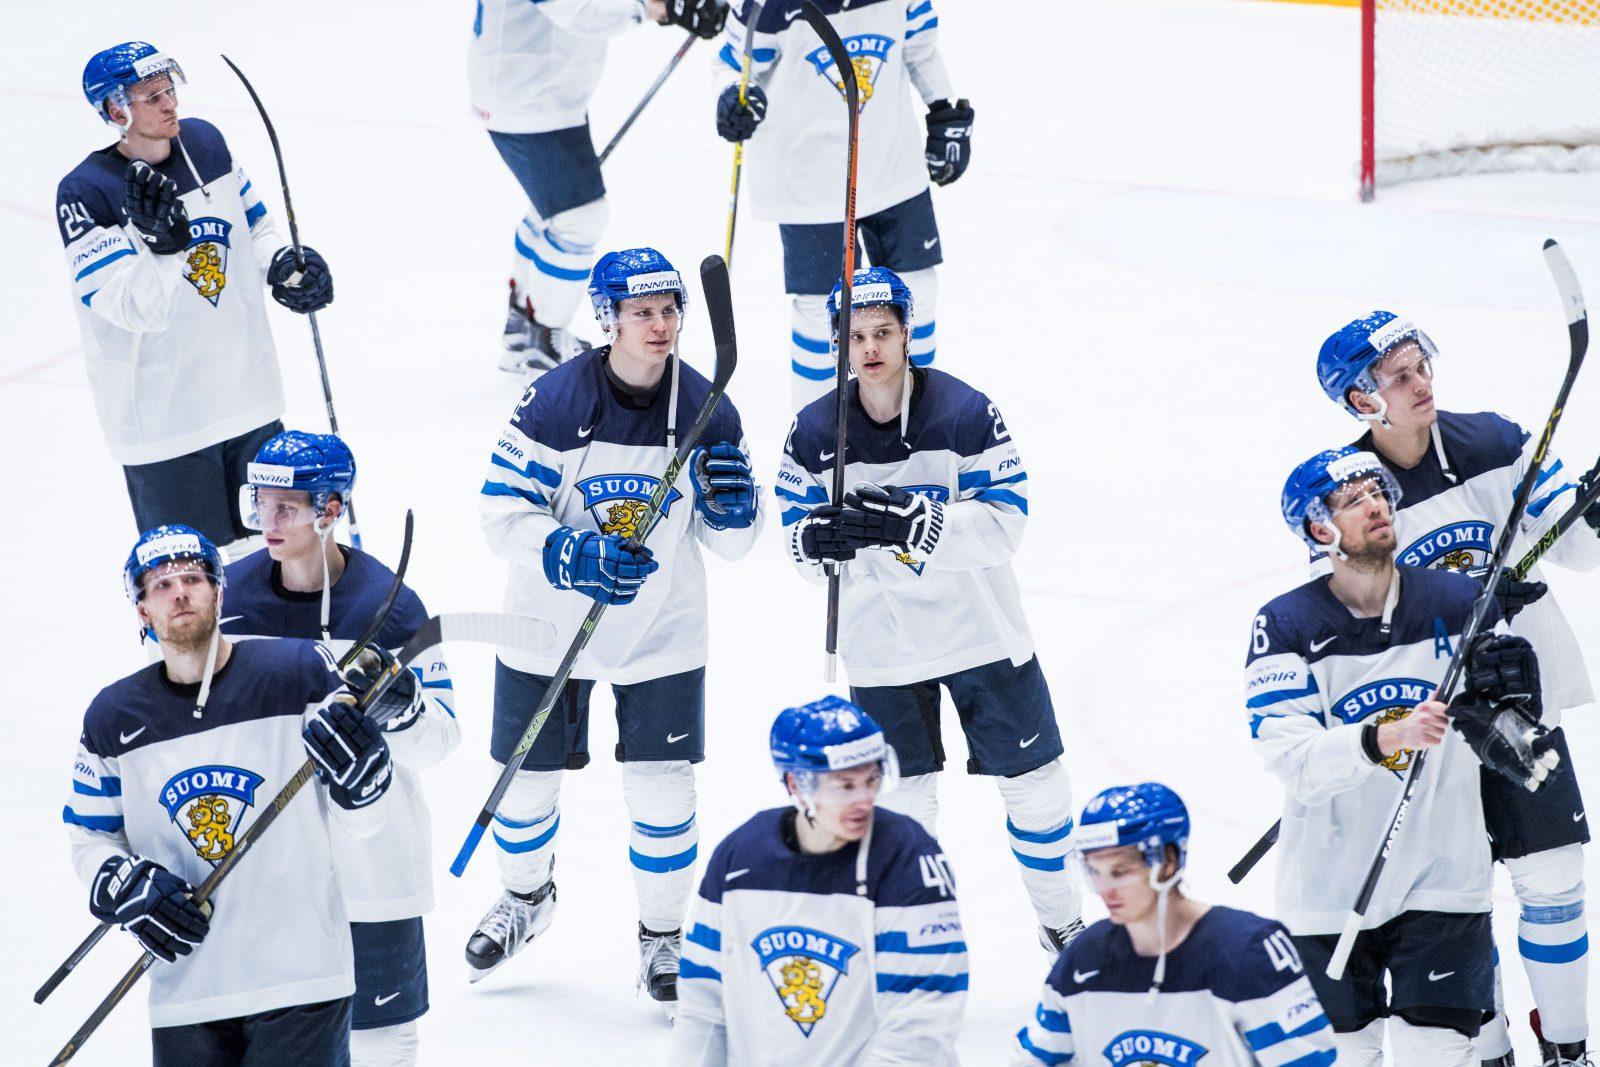 Finland illa ute – hoppet lever